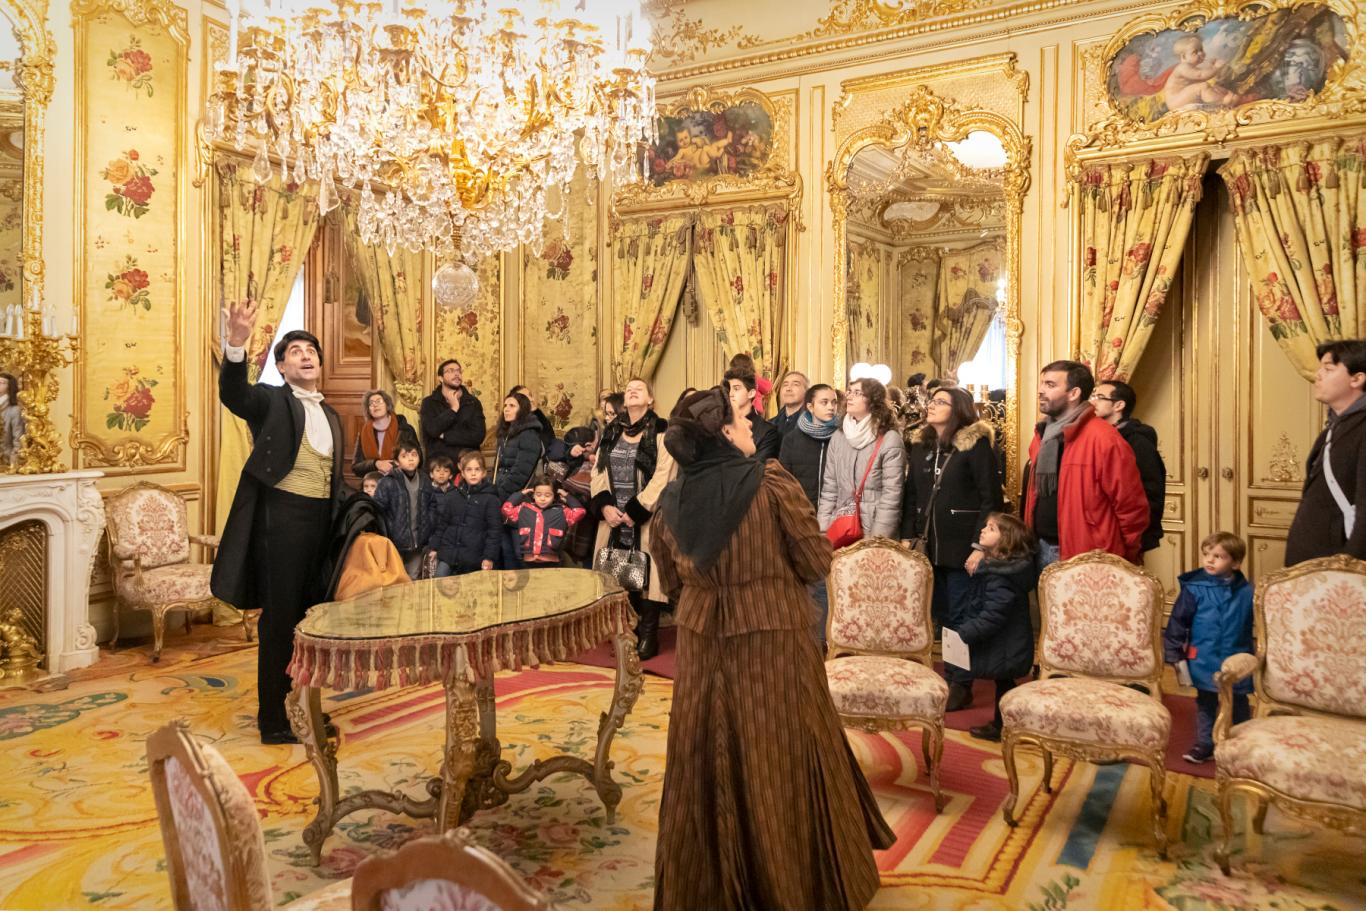 Bienvenidos a Palacio 2019